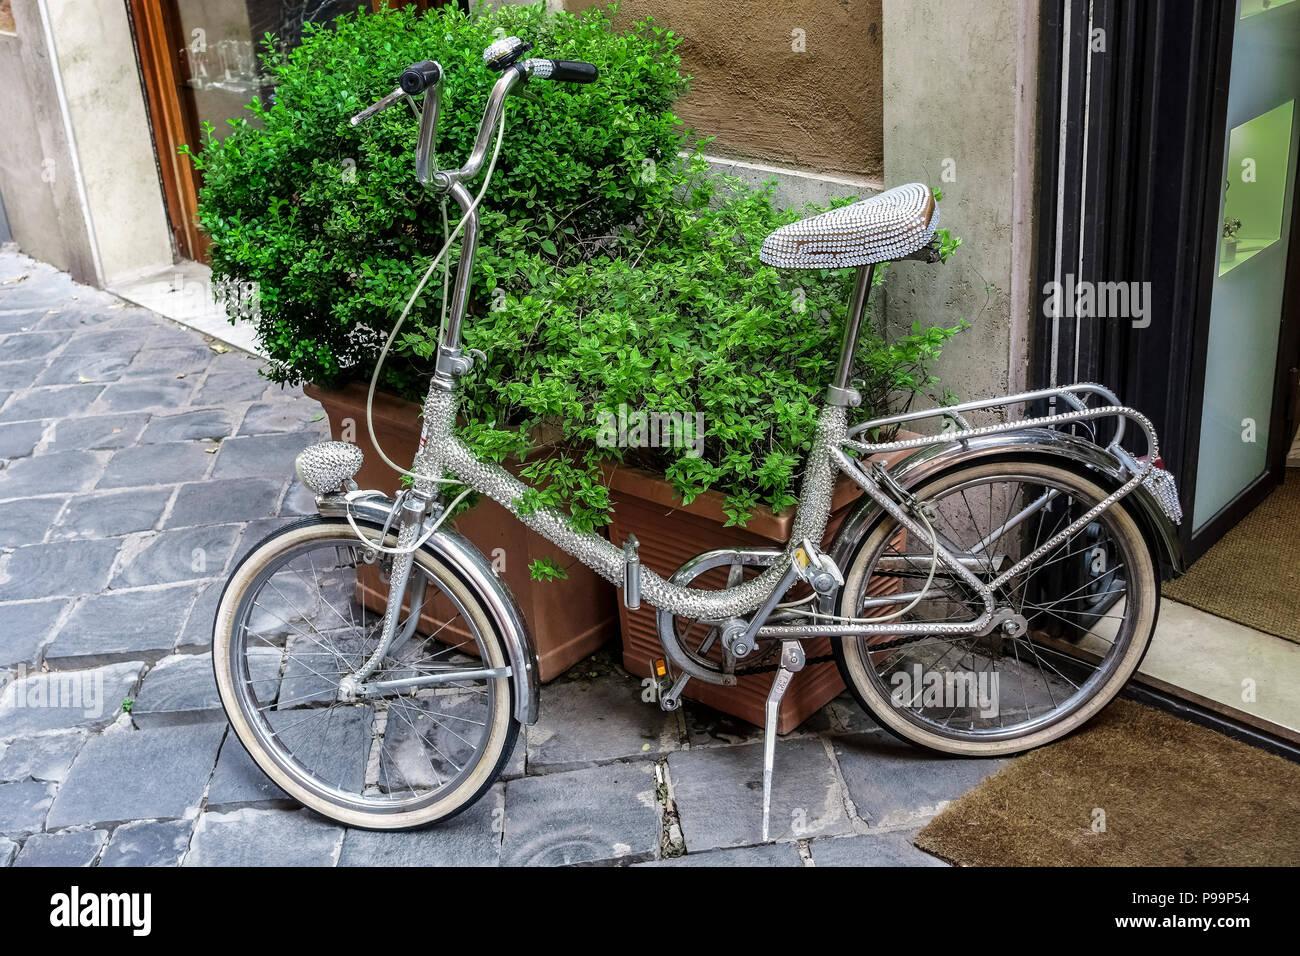 Vélo Rhinestone garé en face d'une boutique. Écologique Alternative tran sport. Concept vert. Rare, frais et original. Photo Stock